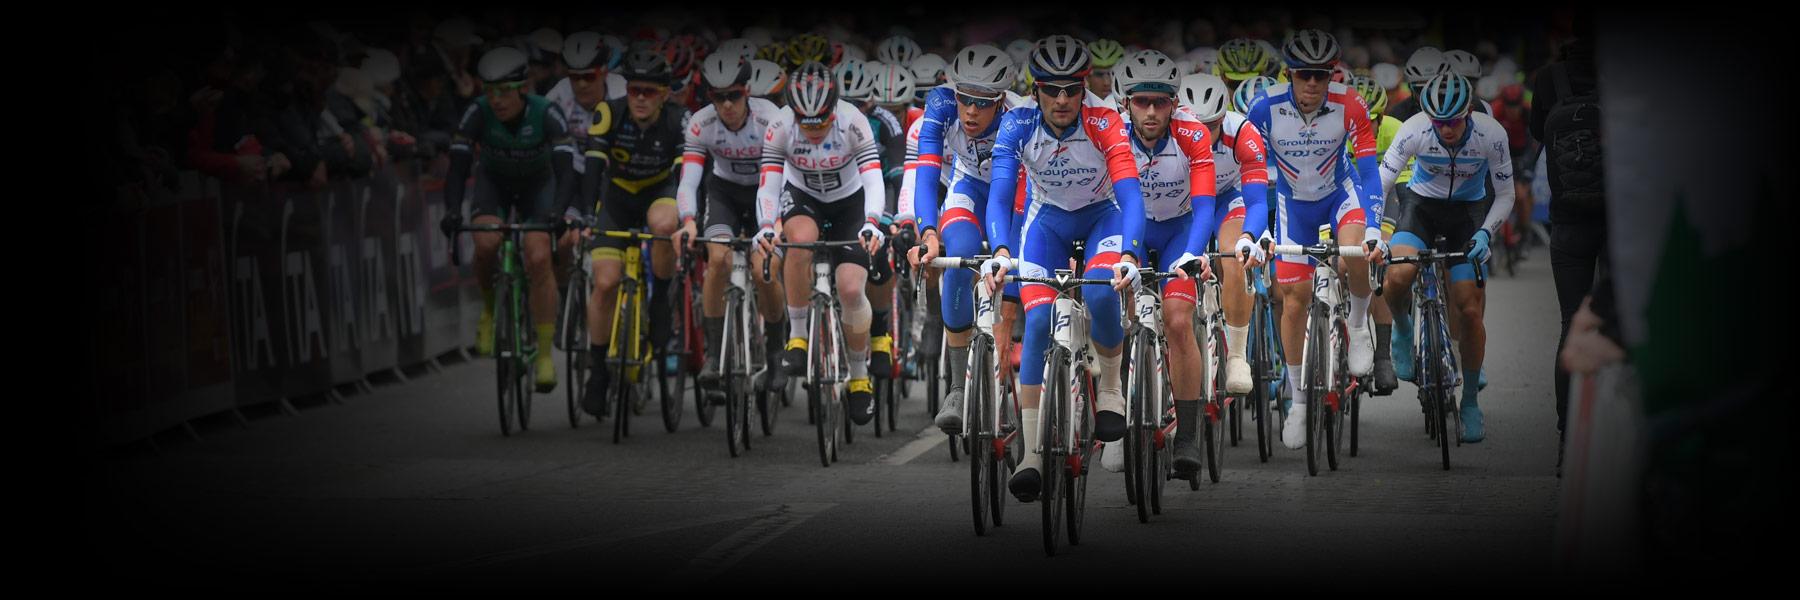 Bretagne Cycliste Calendrier 2020.Route Adelie De Vitre Course Cycliste Coupe De France De